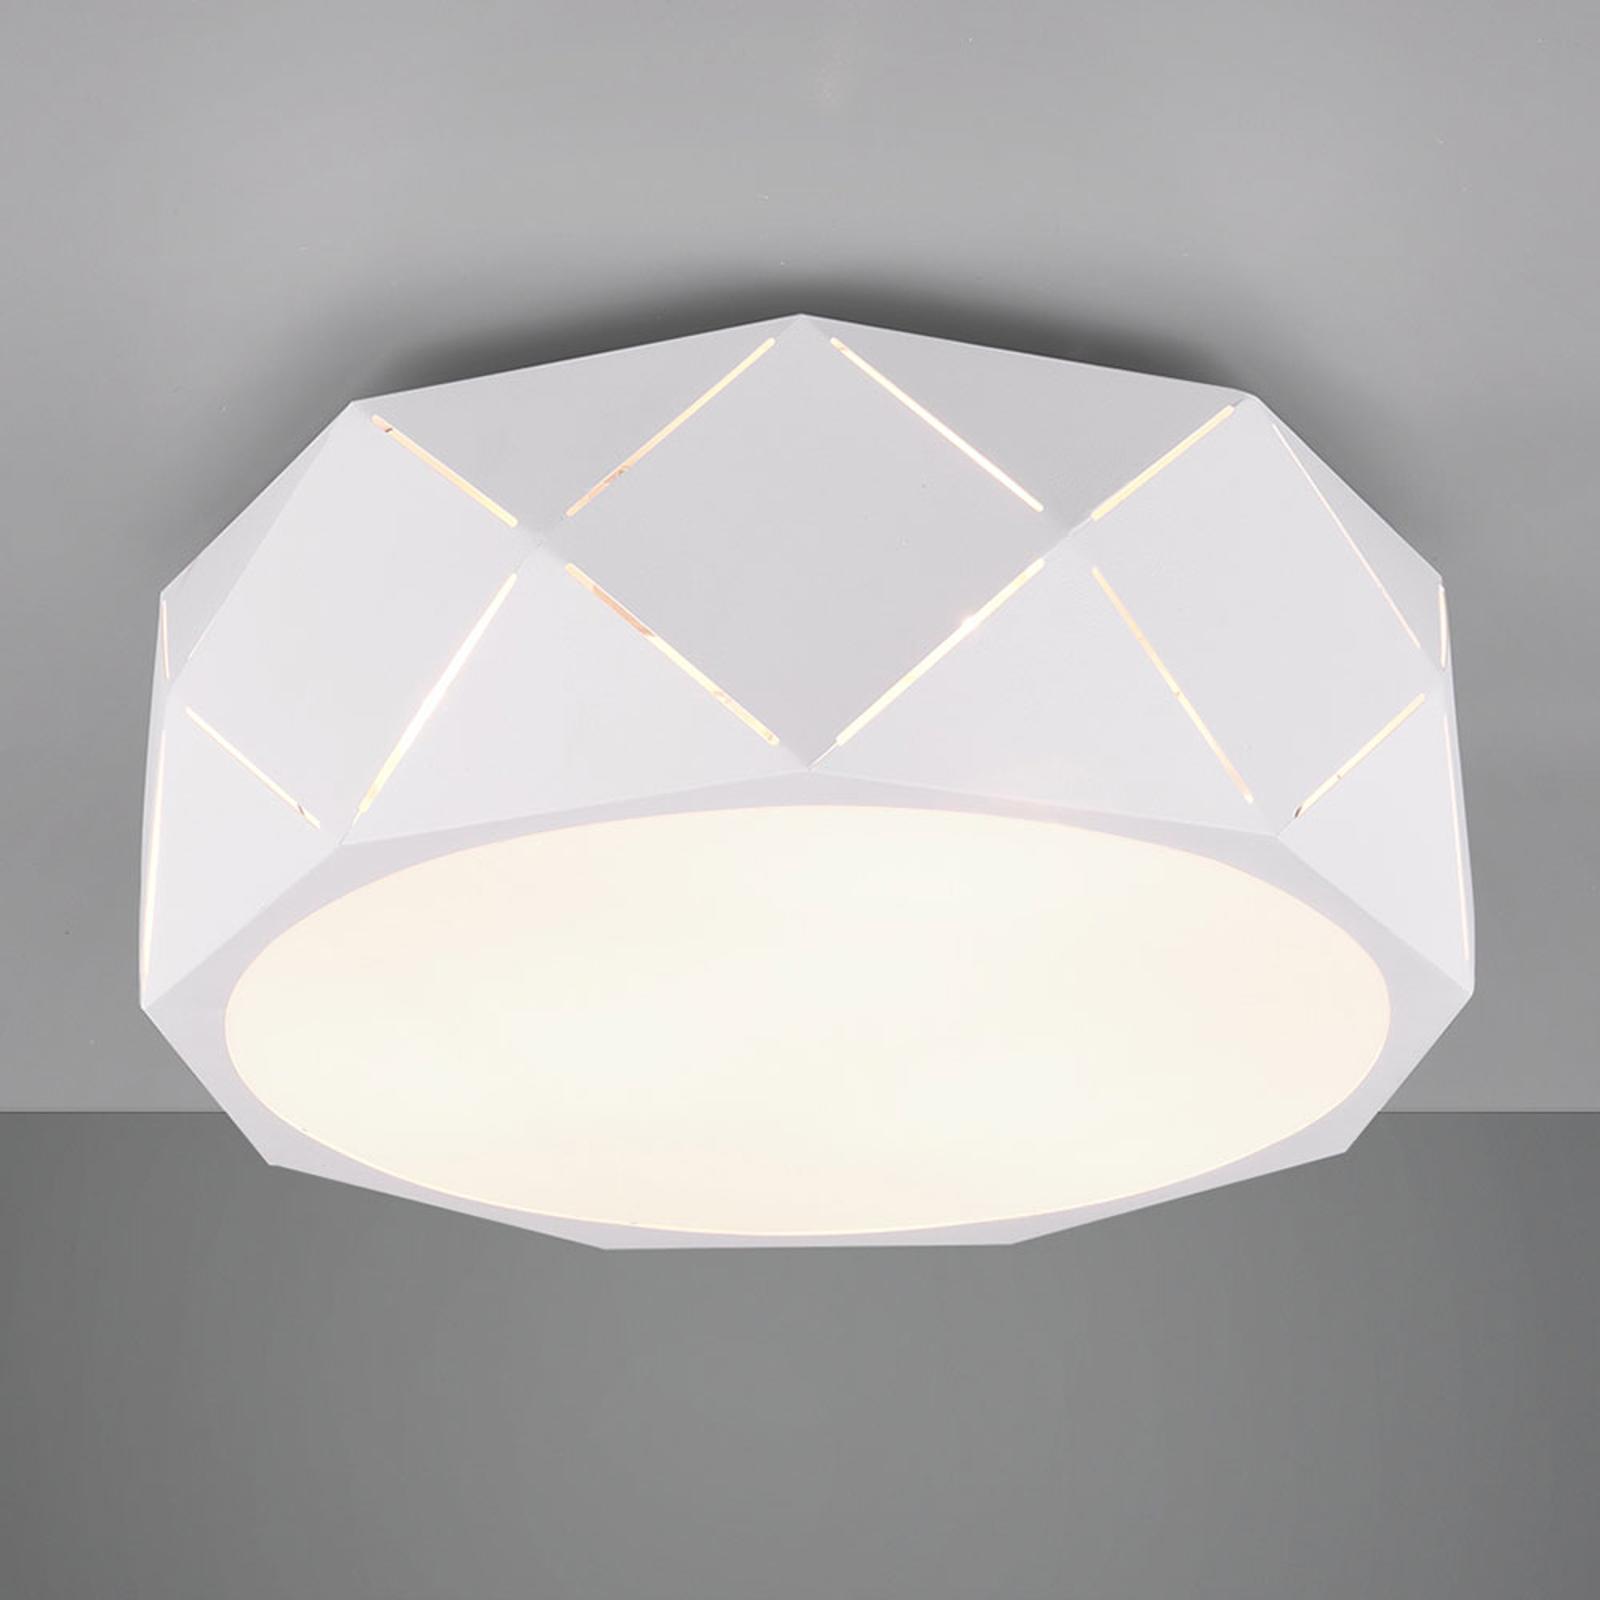 Deckenlampe Zandor mit weißem Schirm